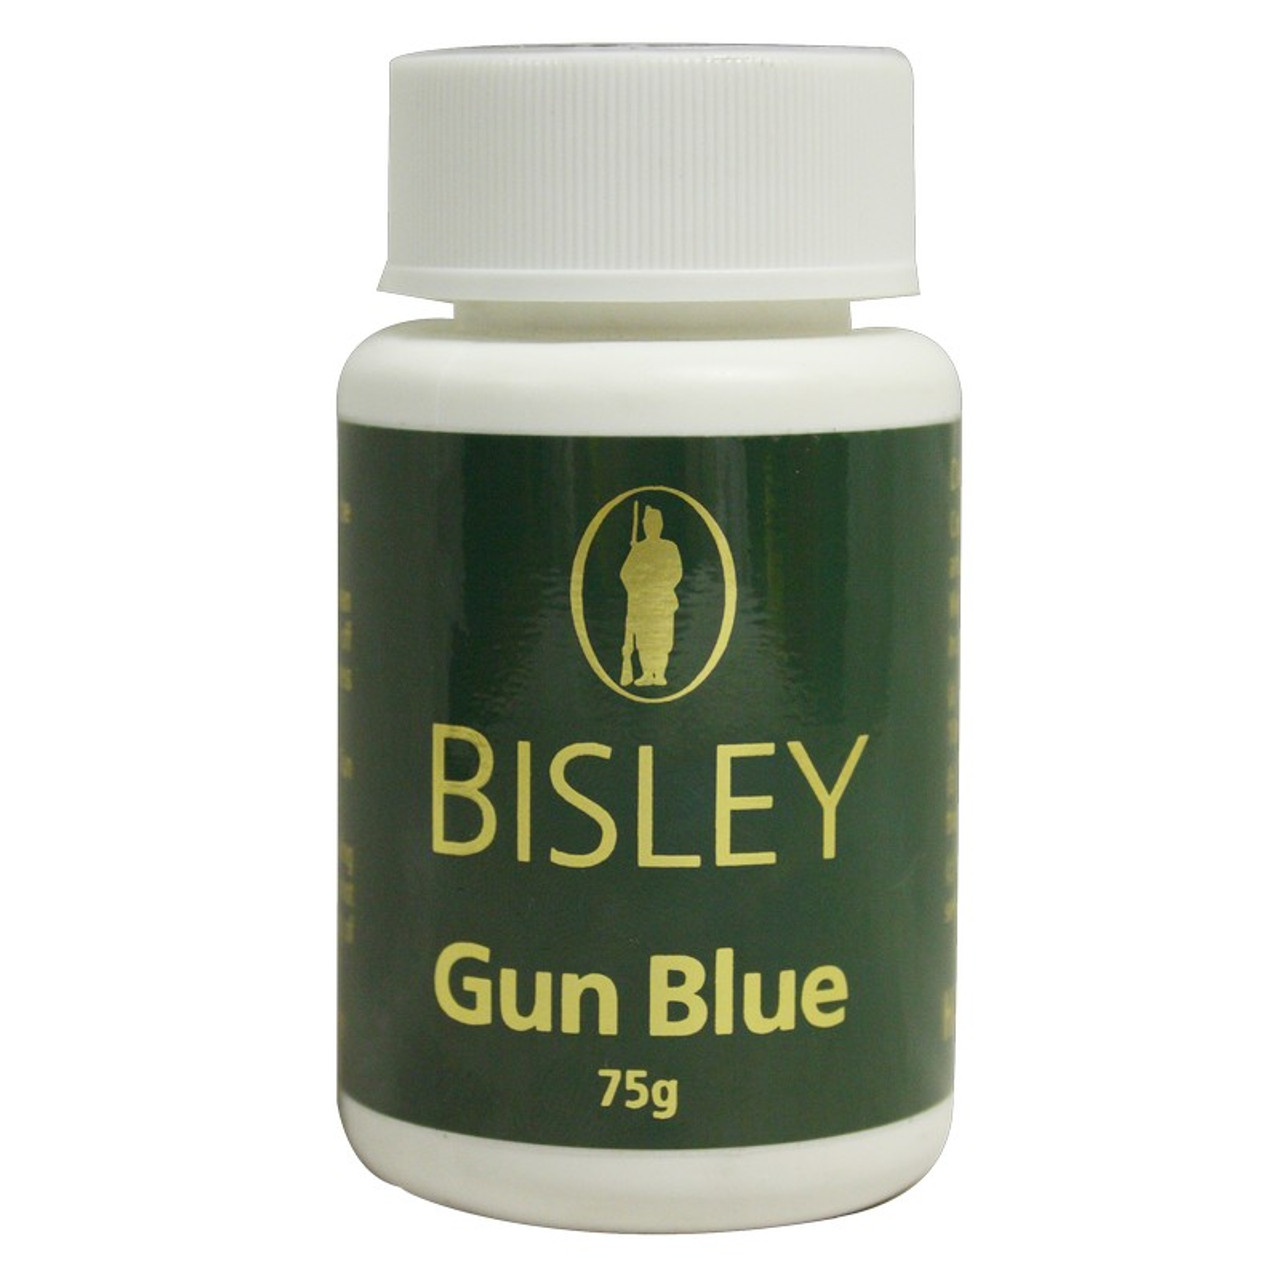 Best price for Bisley Gun Blue, on sale at Bradford Stalker